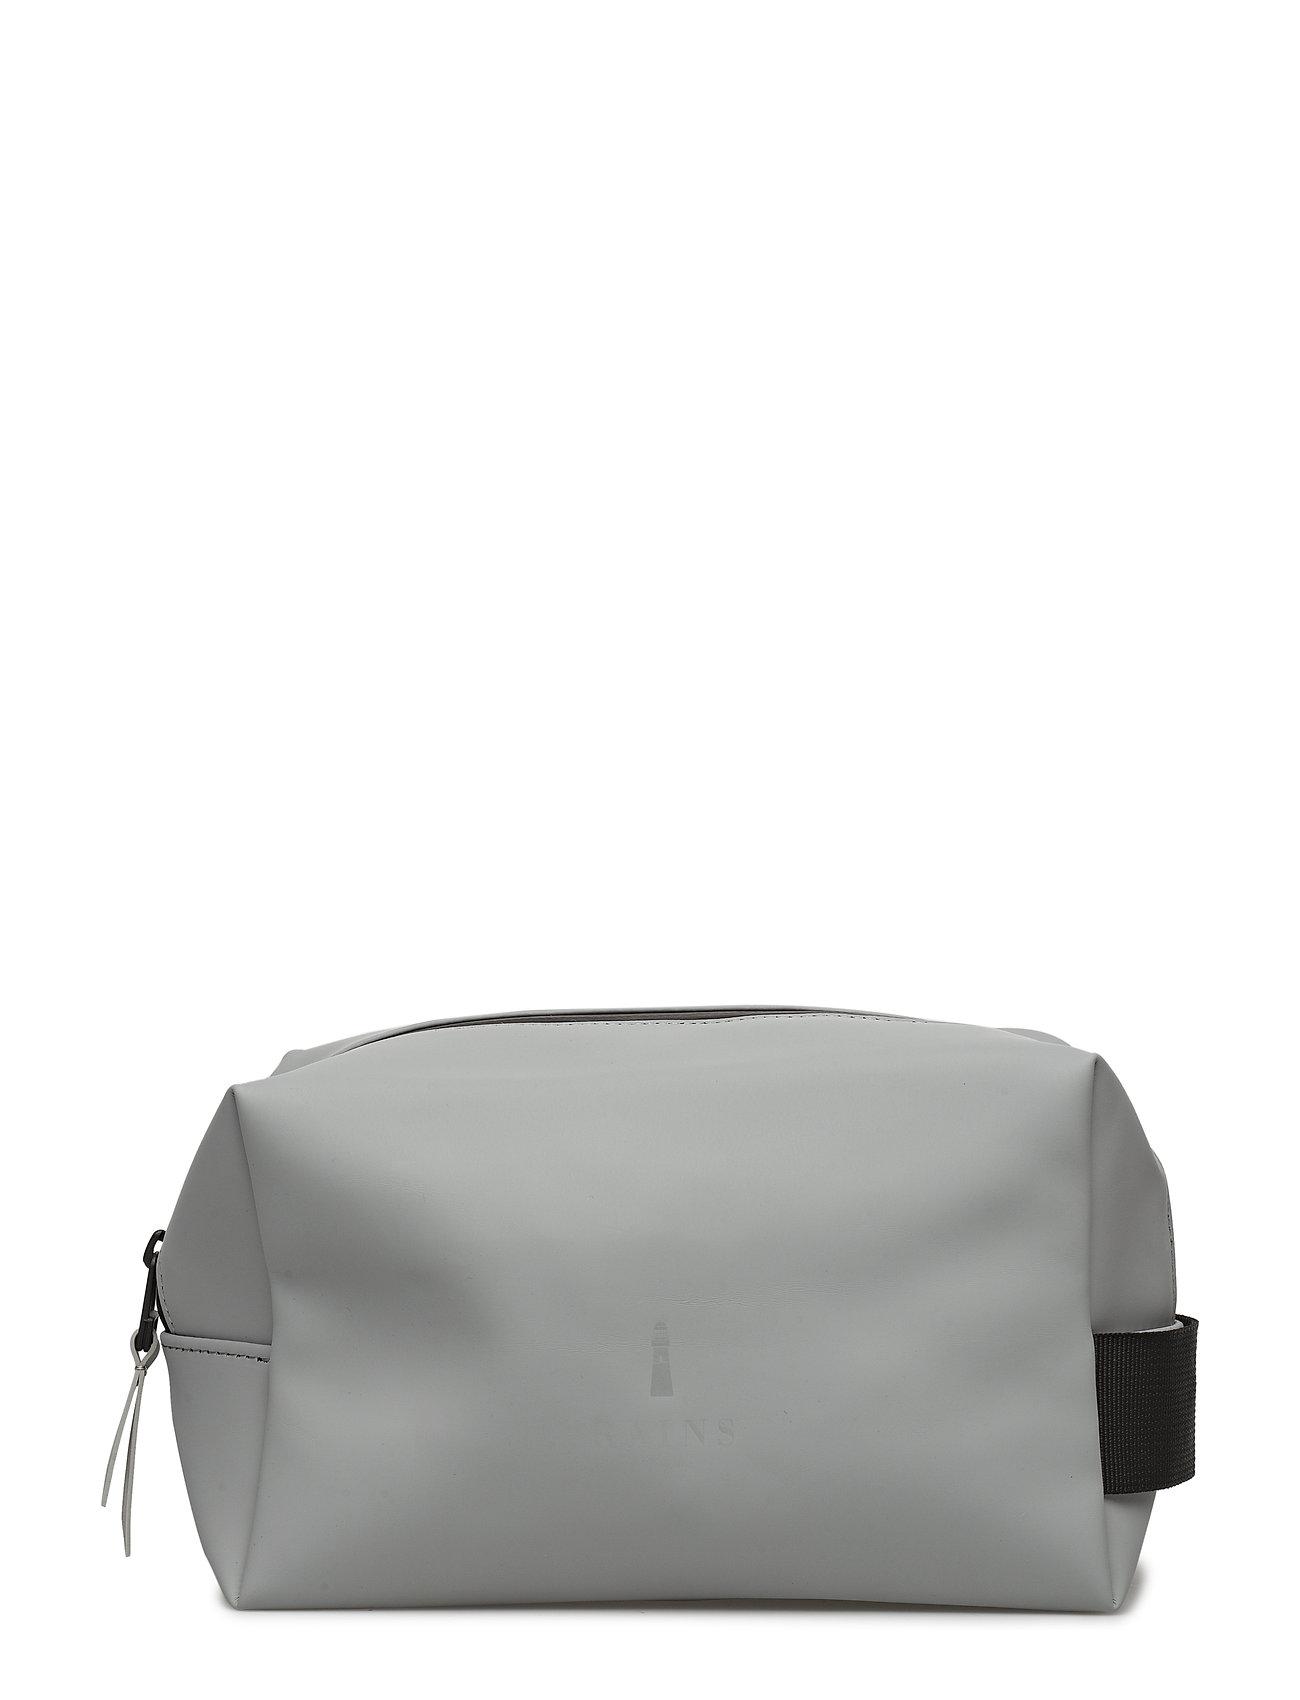 Image of Wash Bag Small (3113793833)